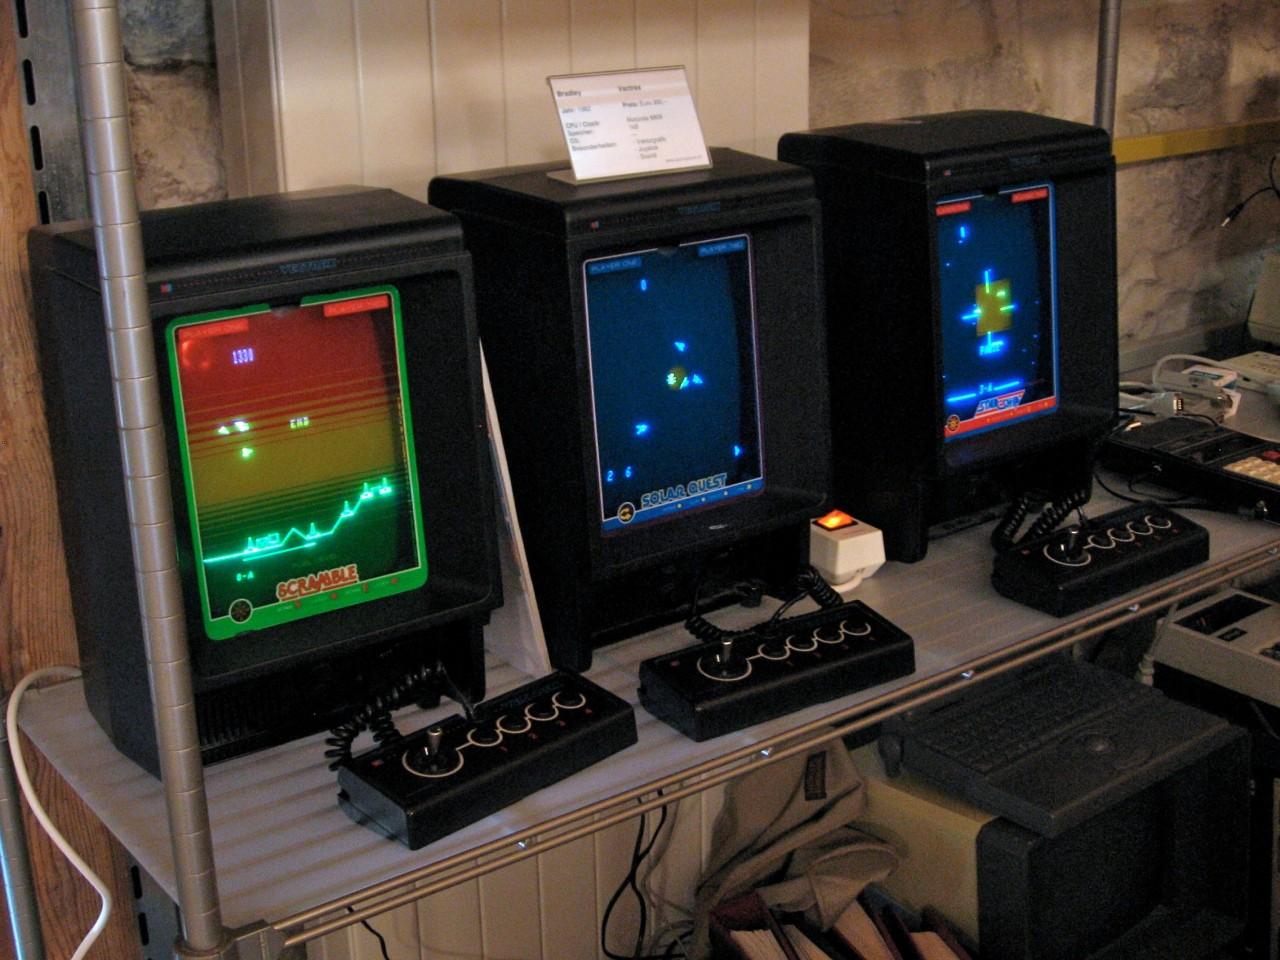 9. Vectrex Игровые приставки, игры, компьютеры, технологии